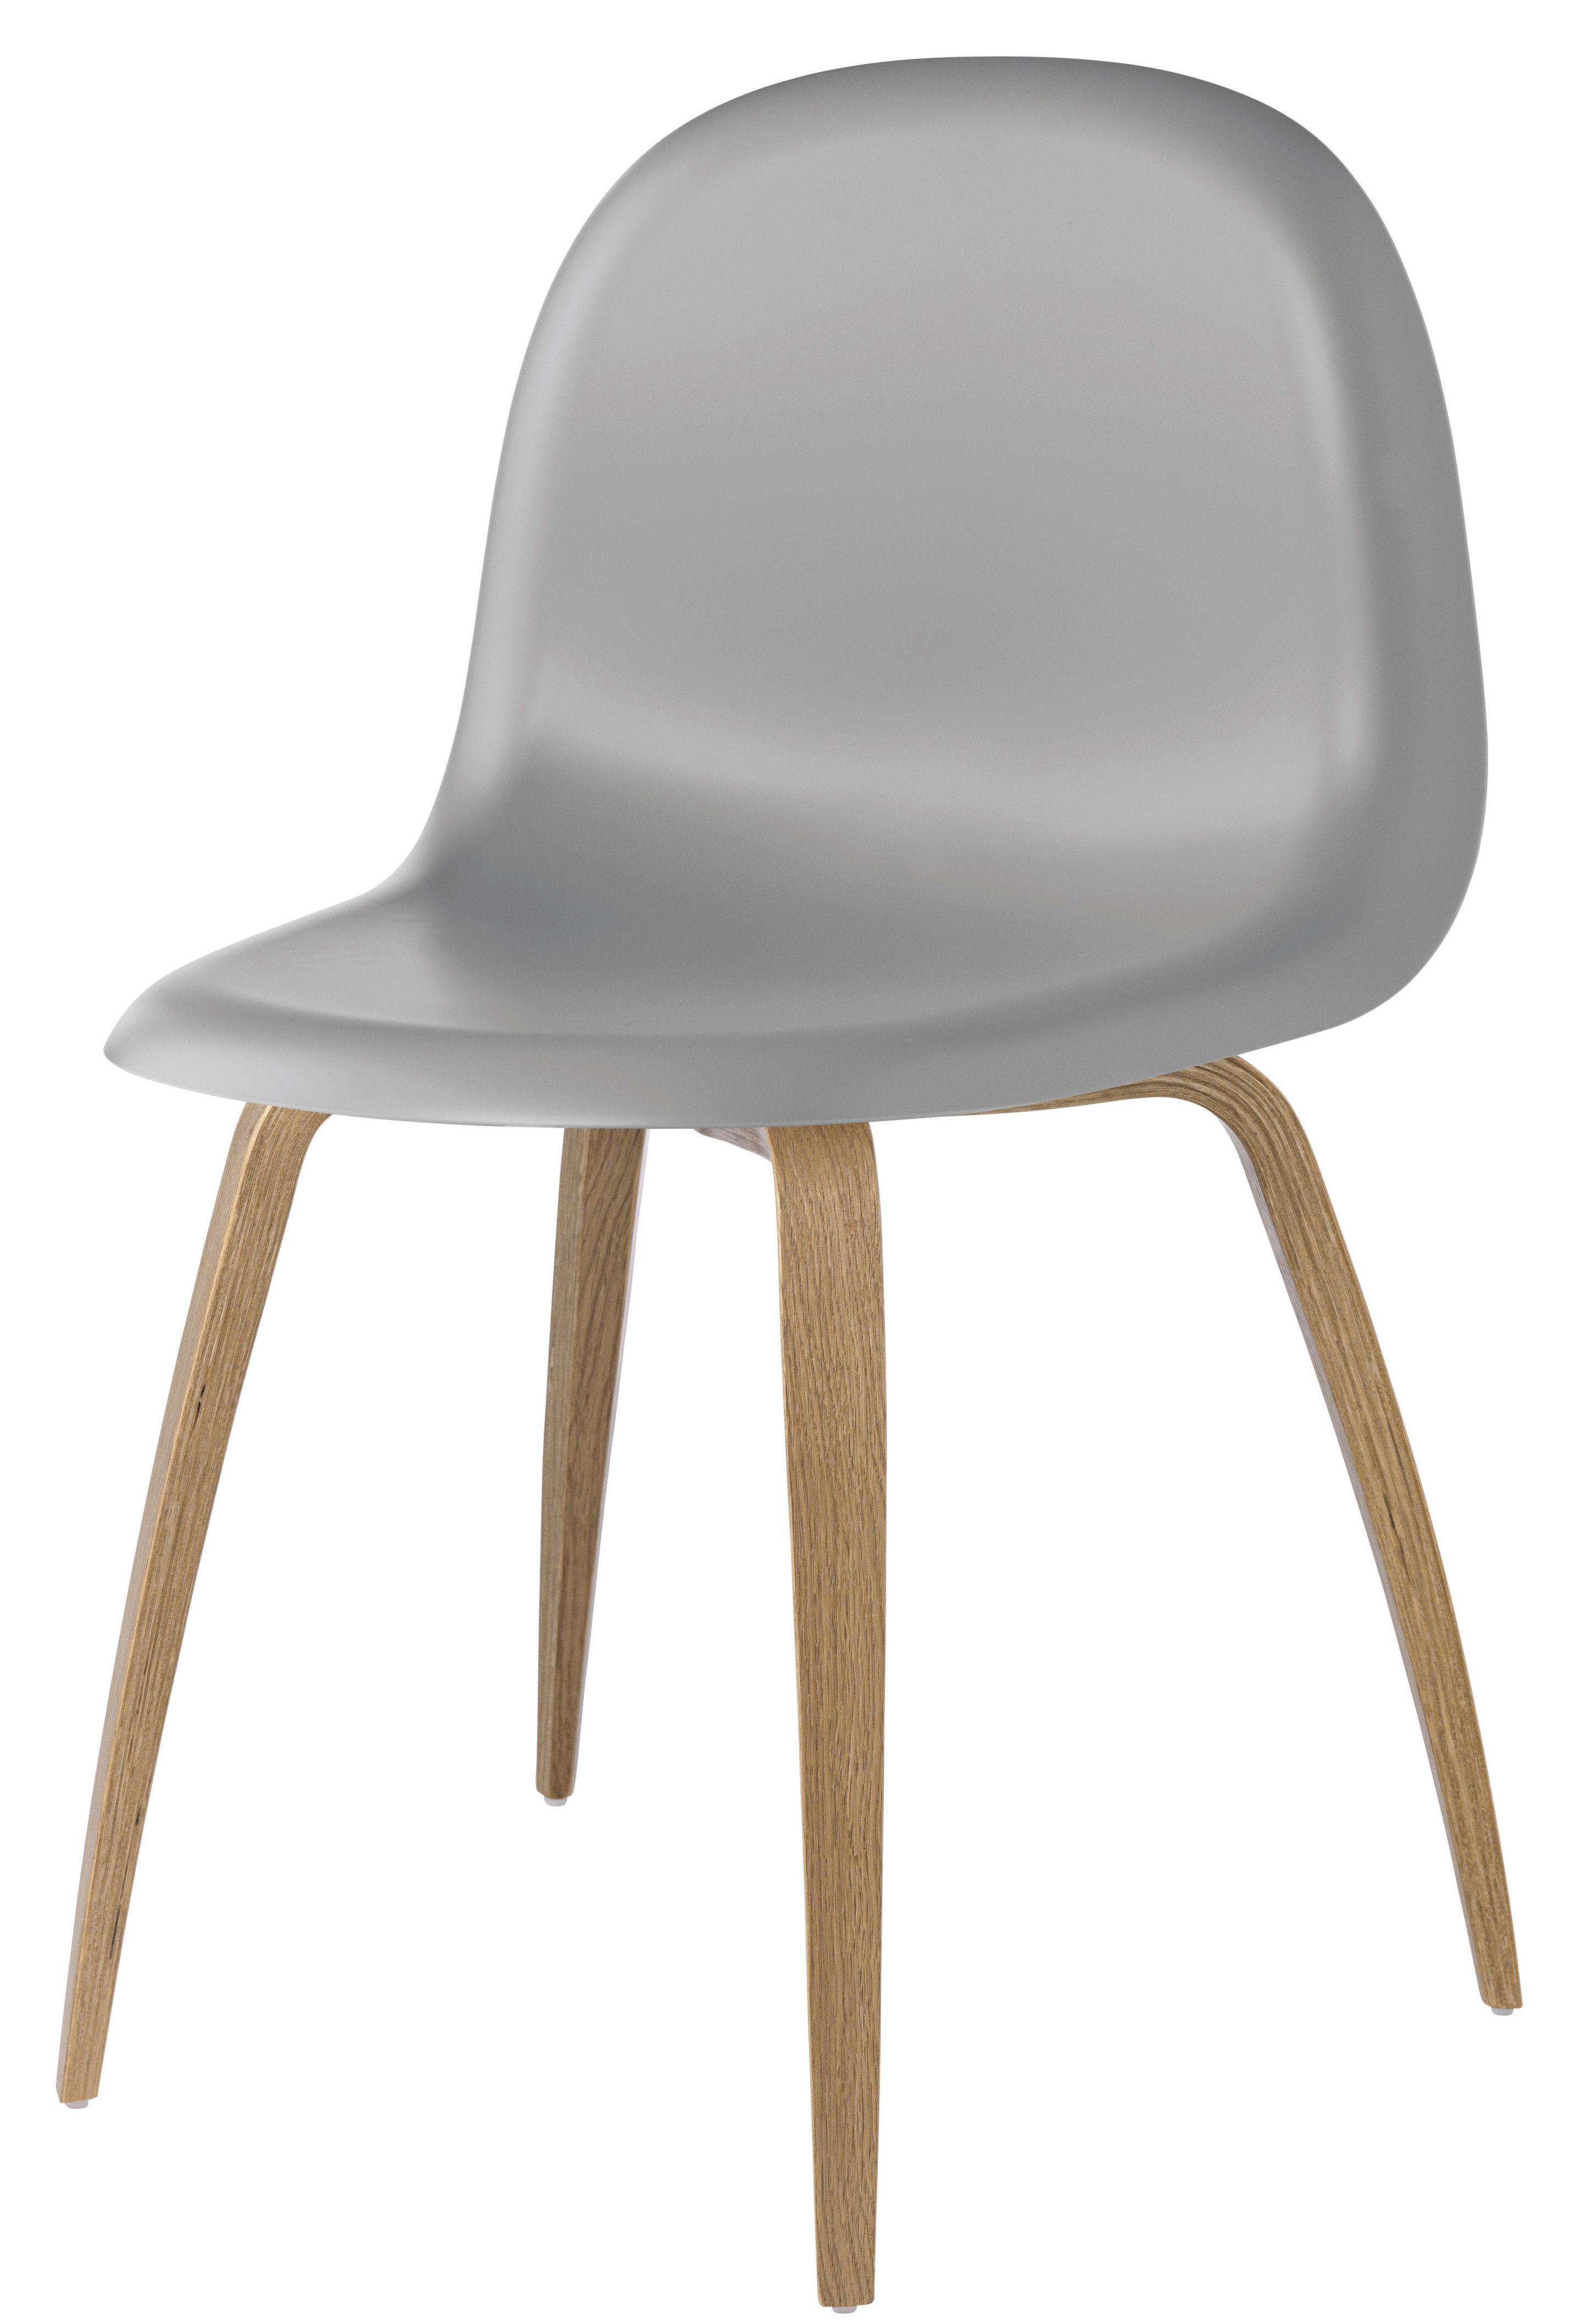 Gubi 5 4 beine hirek schale gubi stuhl for Stuhl 4 beine